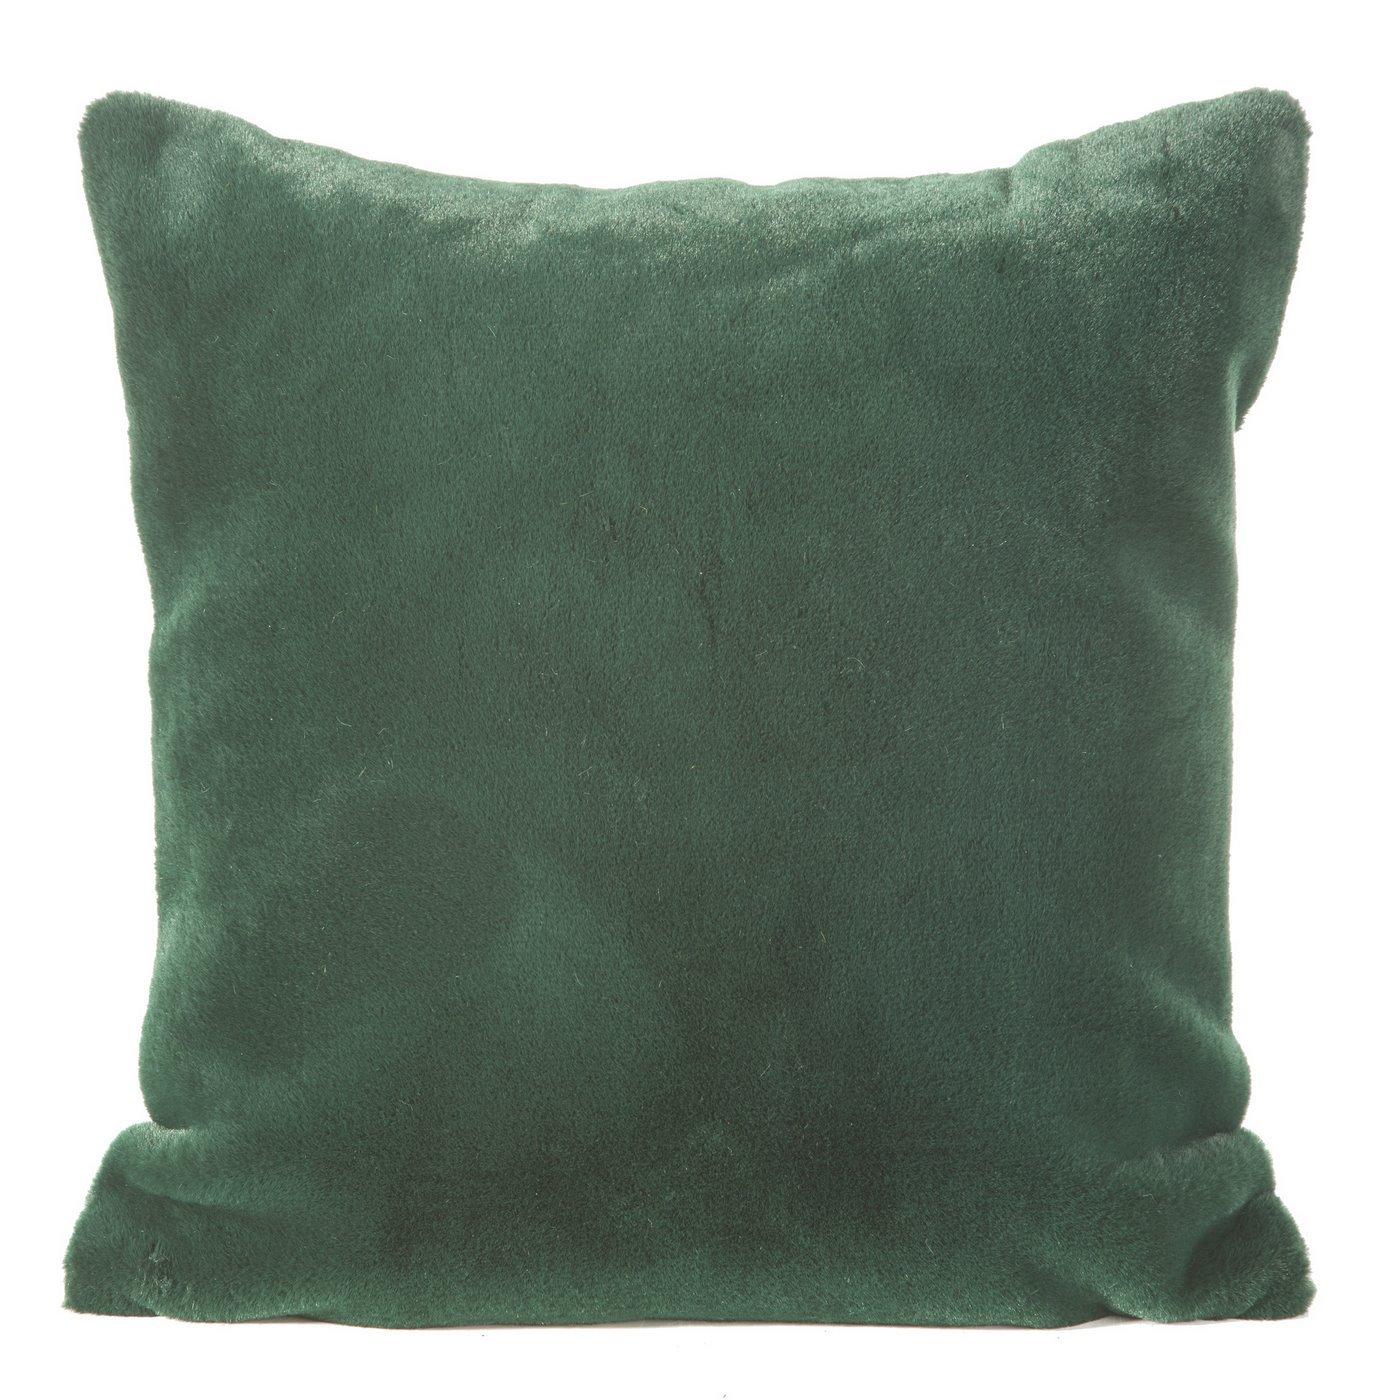 Zielona POSZEWKA OZDOBNA z krótkiego futerka 45x45cm